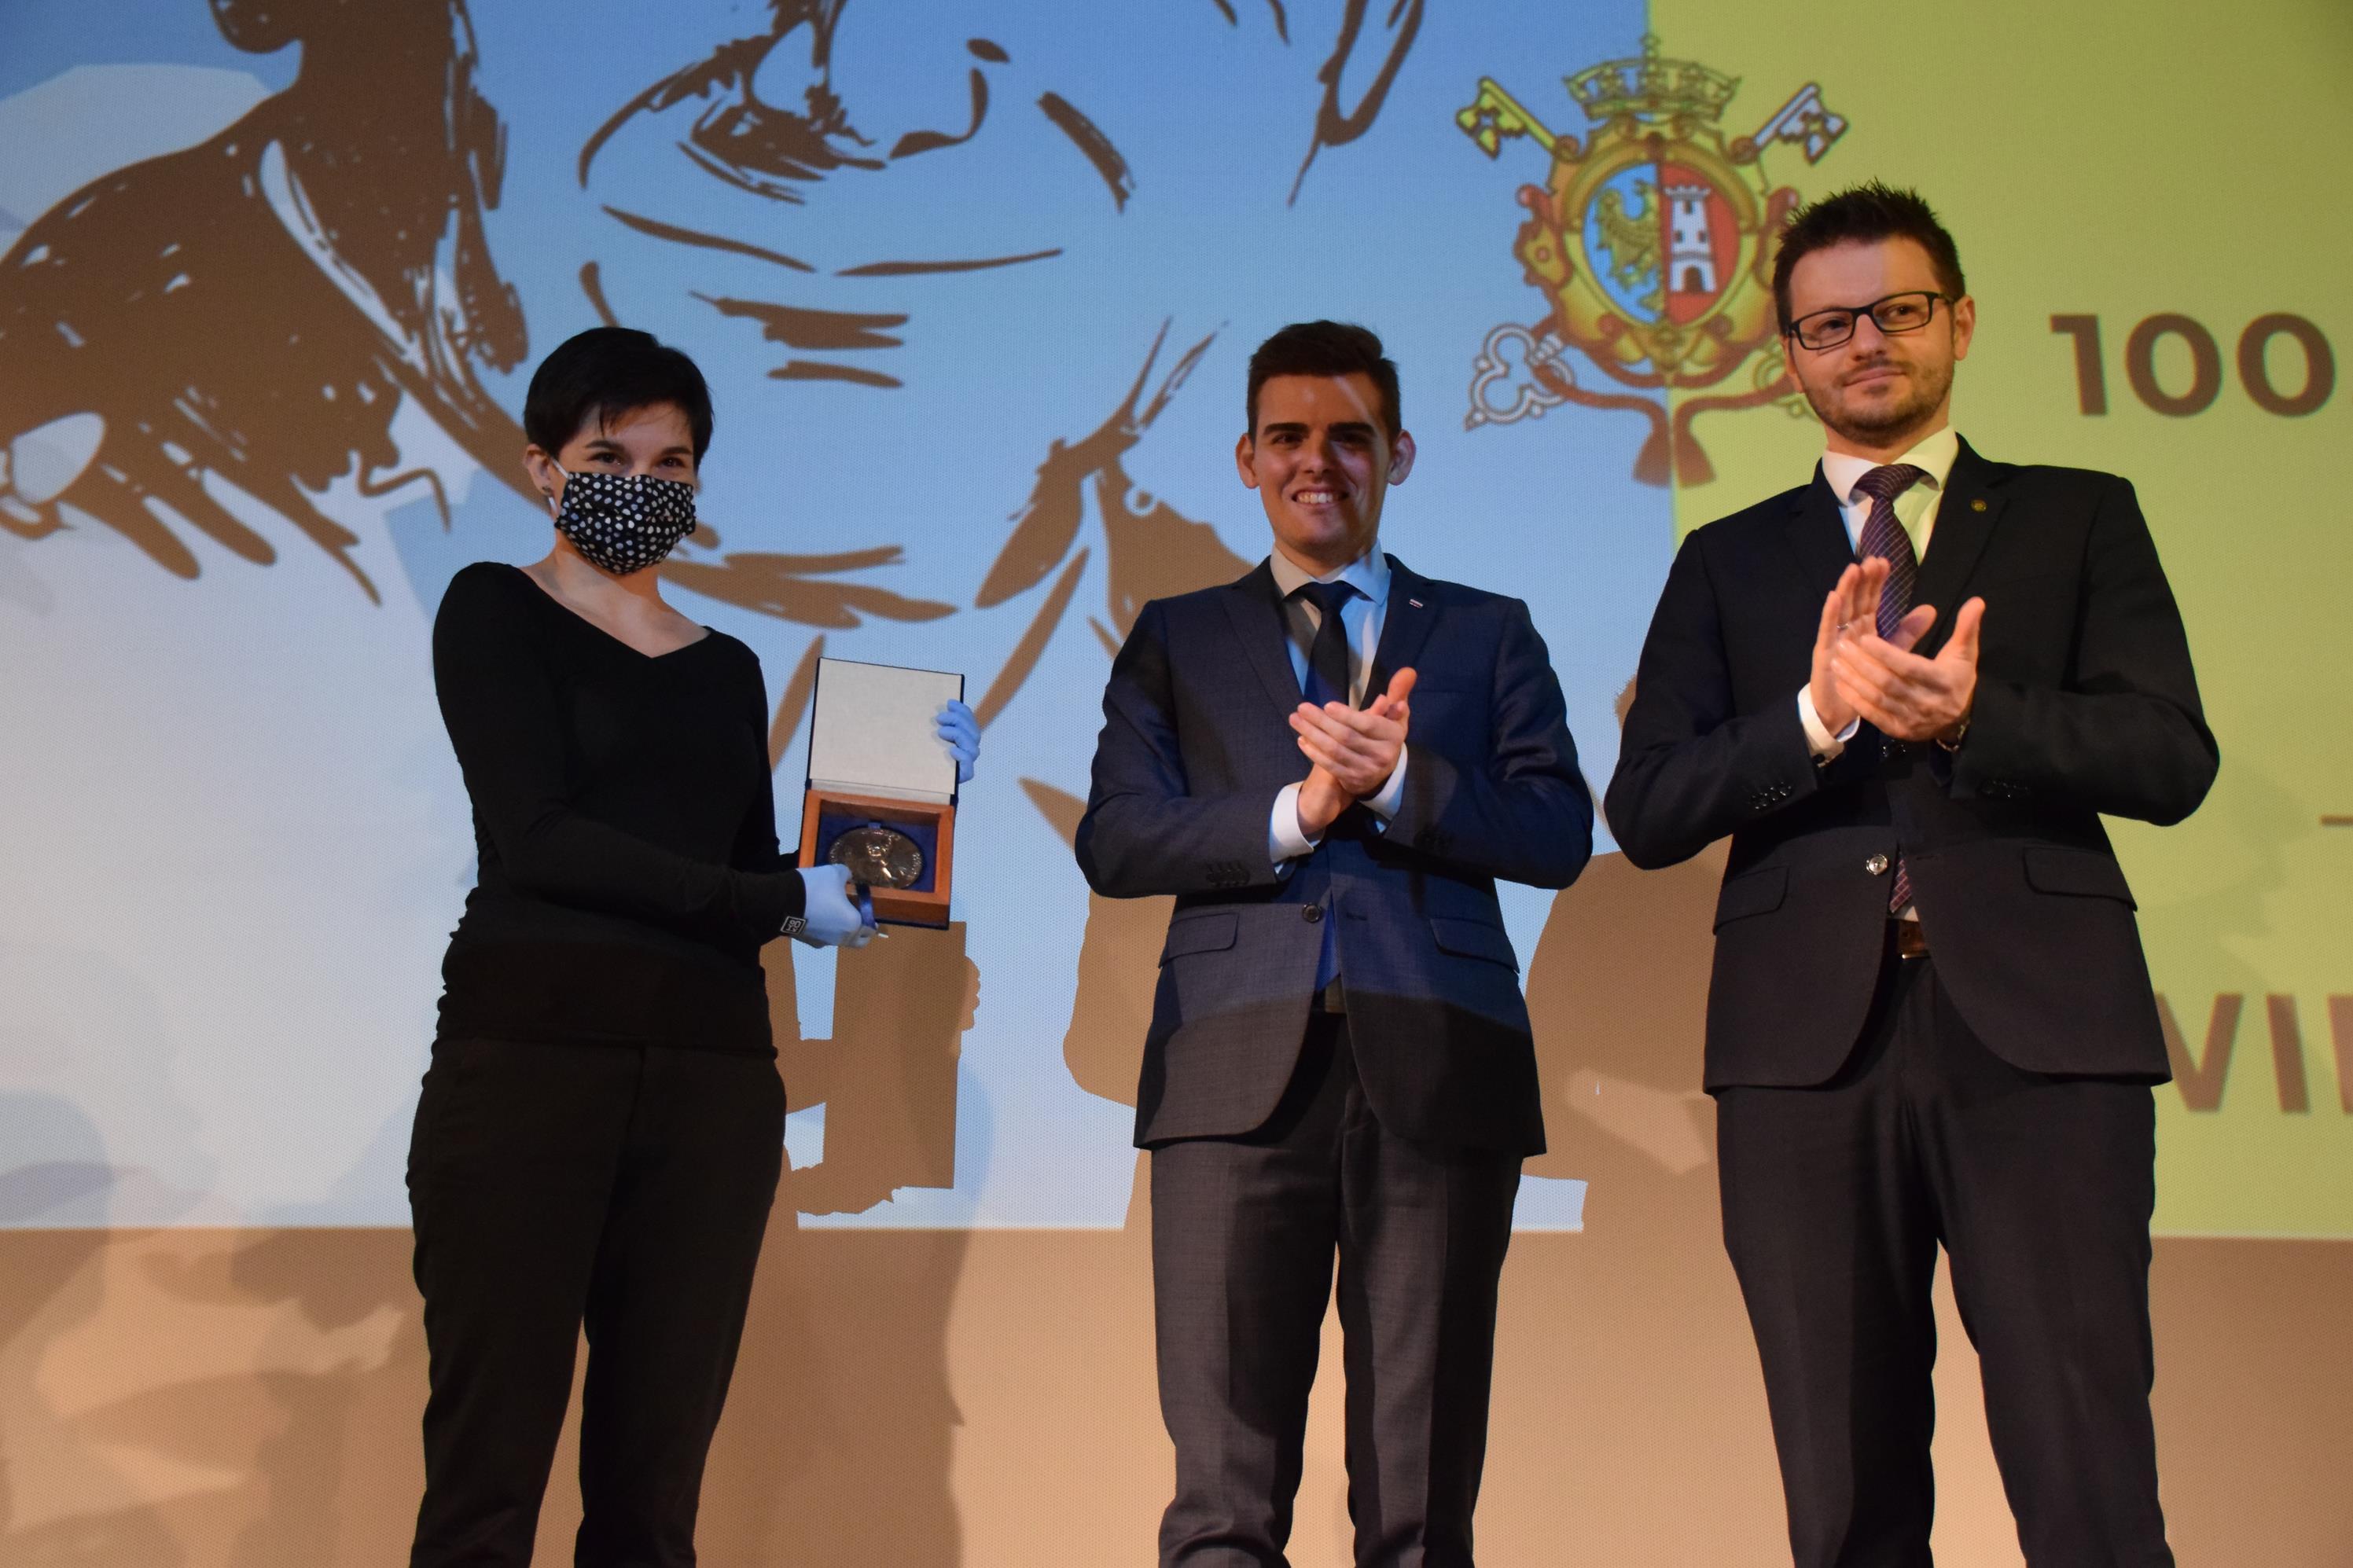 Podczas uroczystej sesji wręczono medale dla zasłużonych [FOTO]